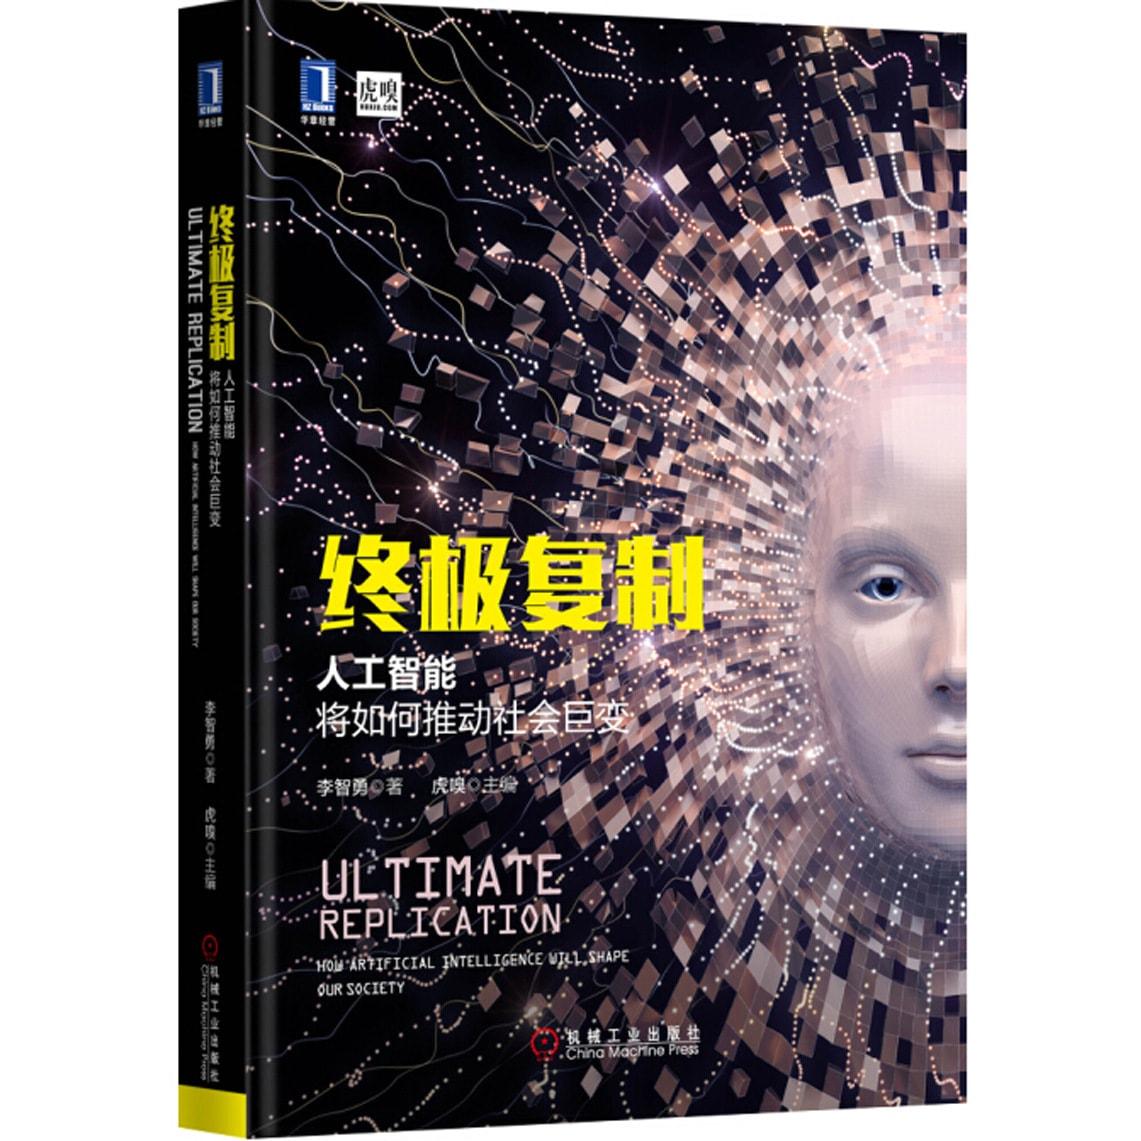 终极复制:人工智能将如何推动社会巨变 怎么样 - 亚米网